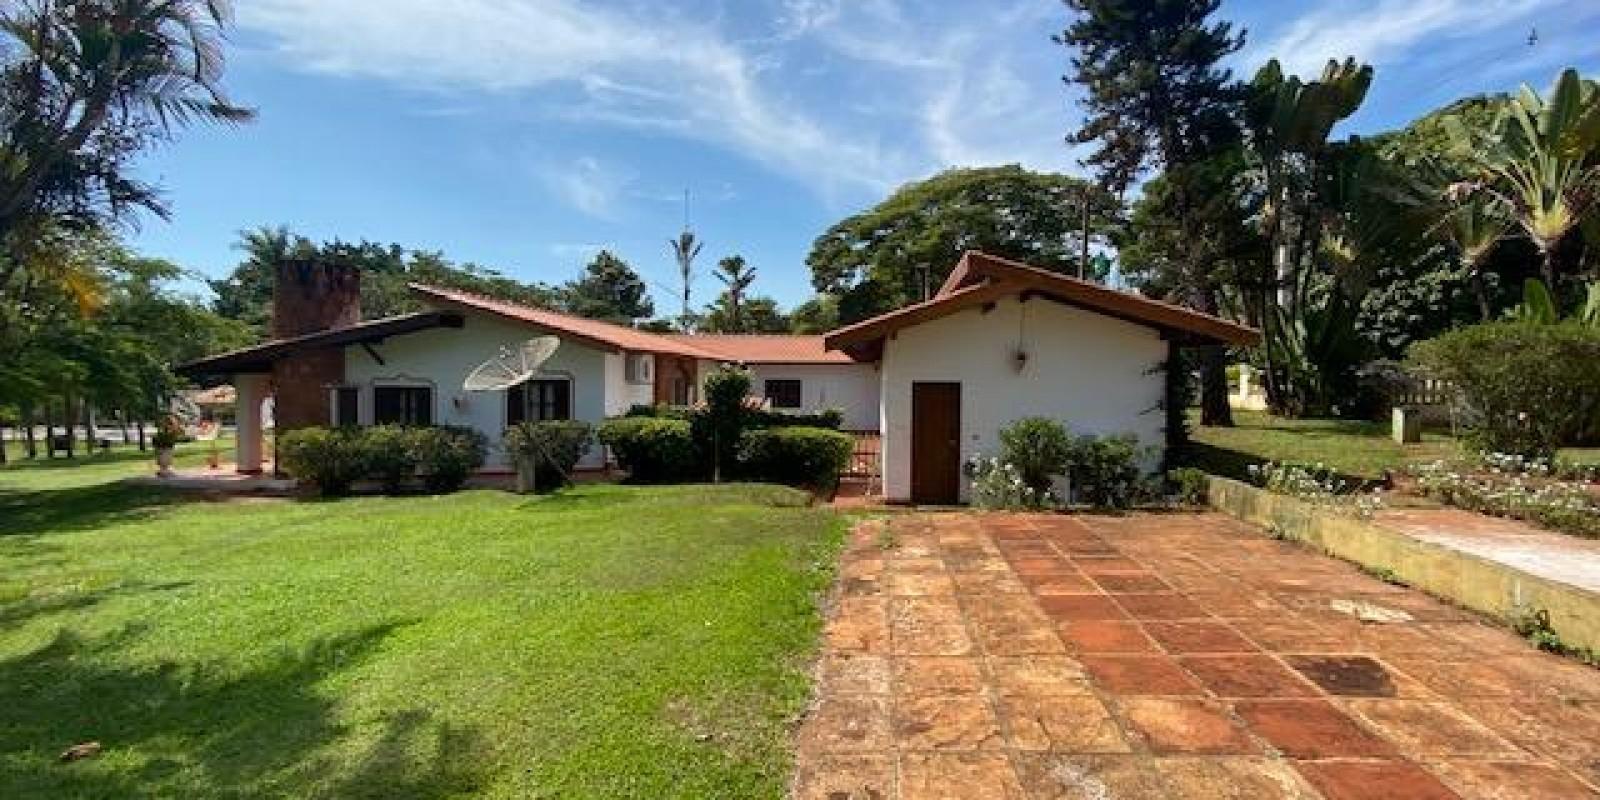 Casa Pé na Areia na Represa Condomínio Parque Náutico em Avaré SP - Foto 38 de 53